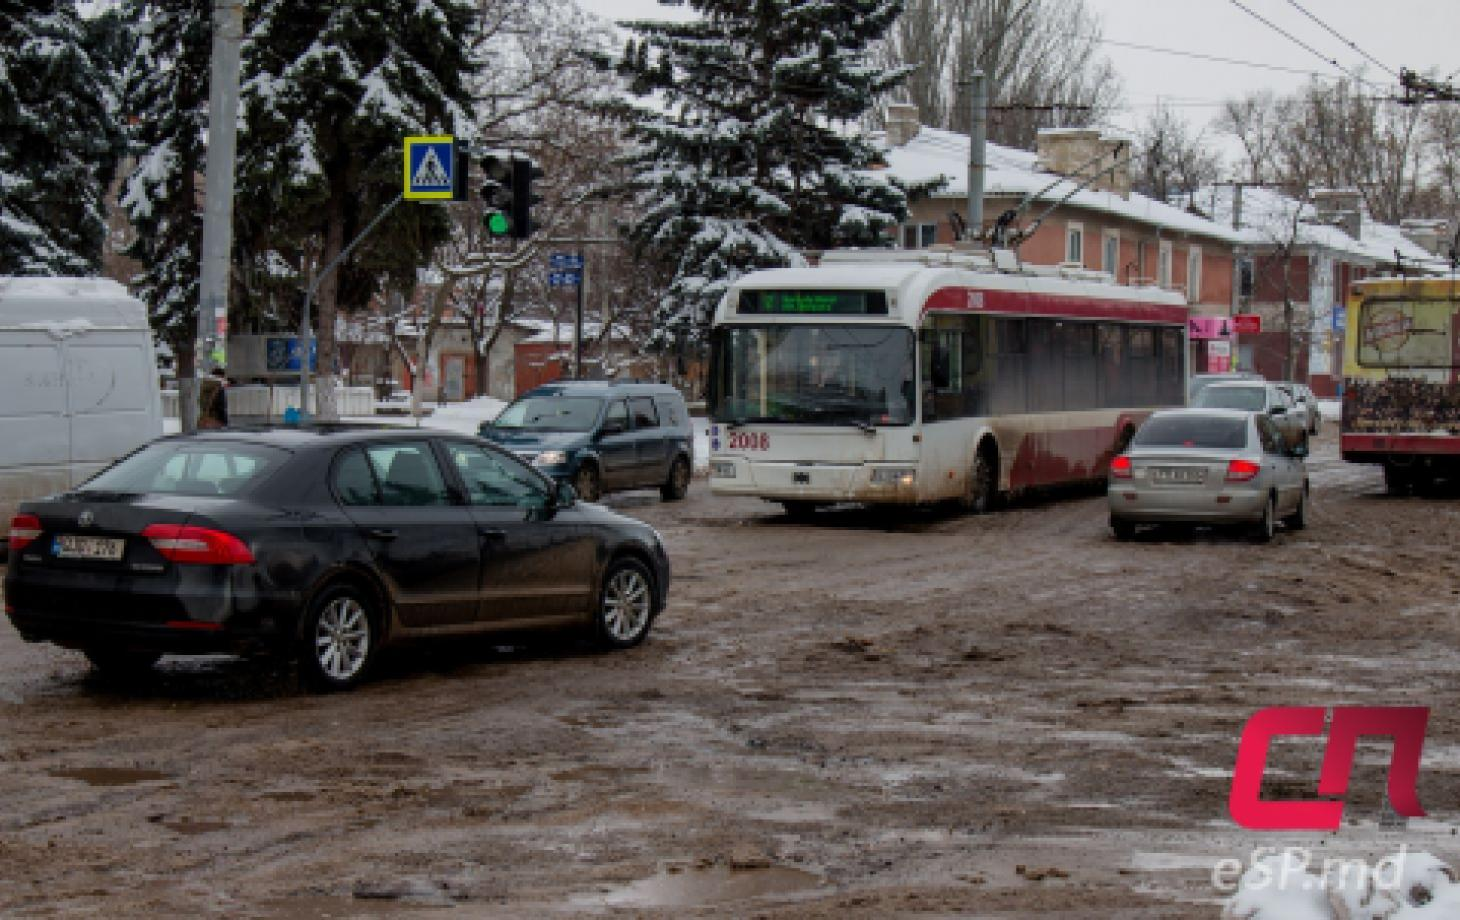 перекрёсток улиц Штефана чел Маре и 1 Мая, ремонт дорог в Бельцах